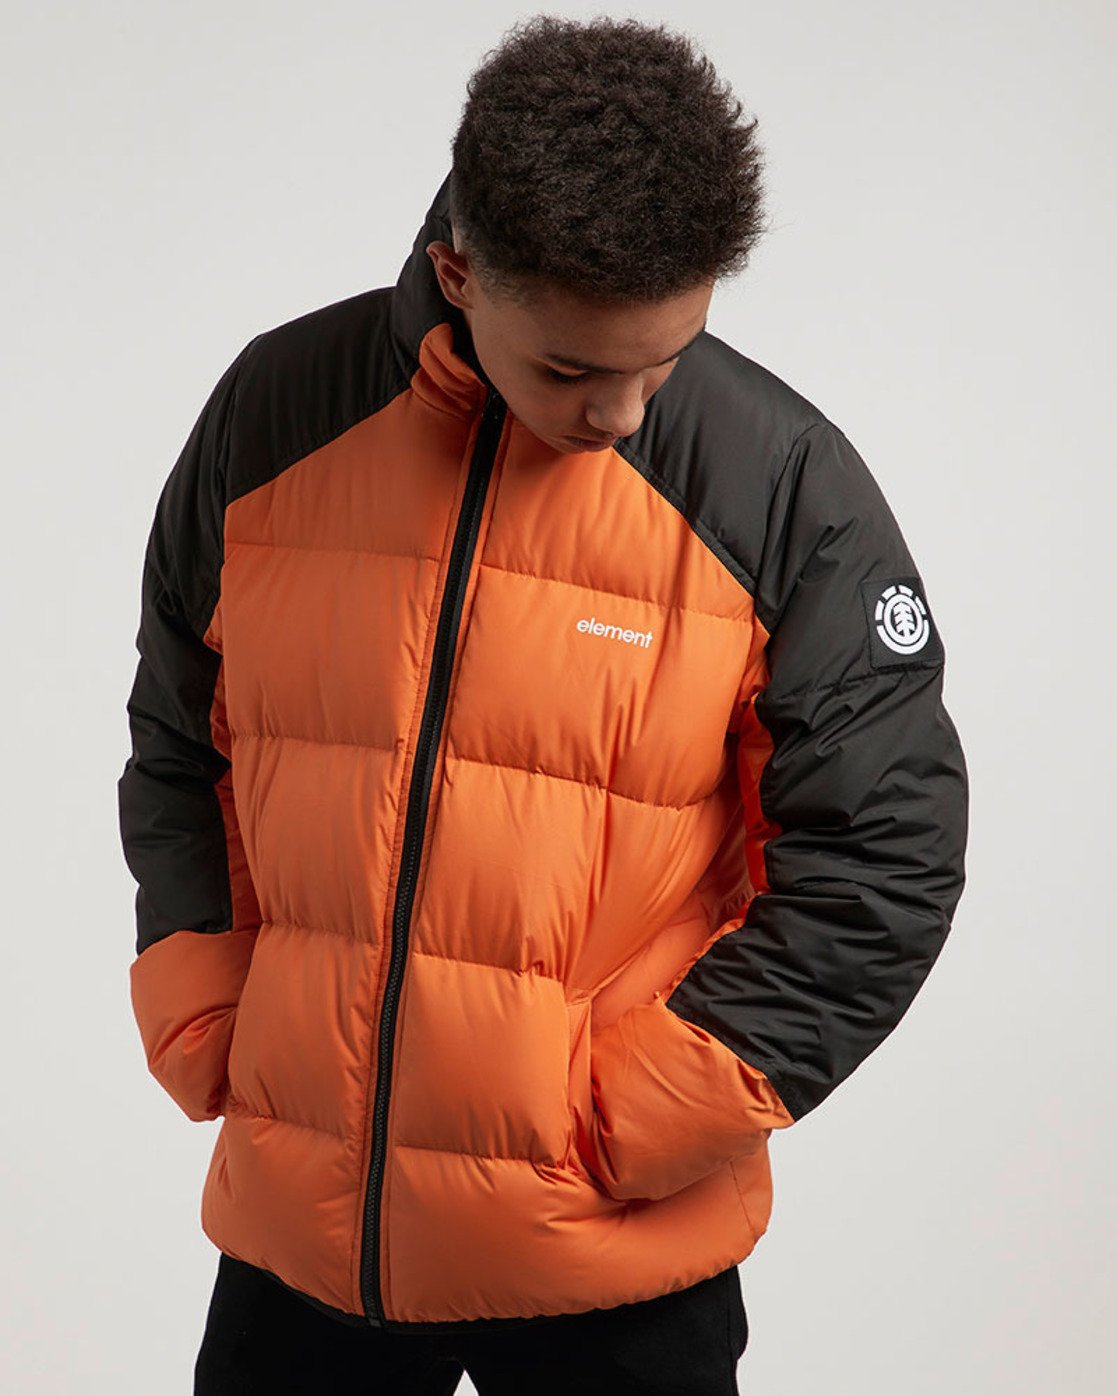 Albany Jacket Jacken für Männer L1JKF9ELF8 | Element